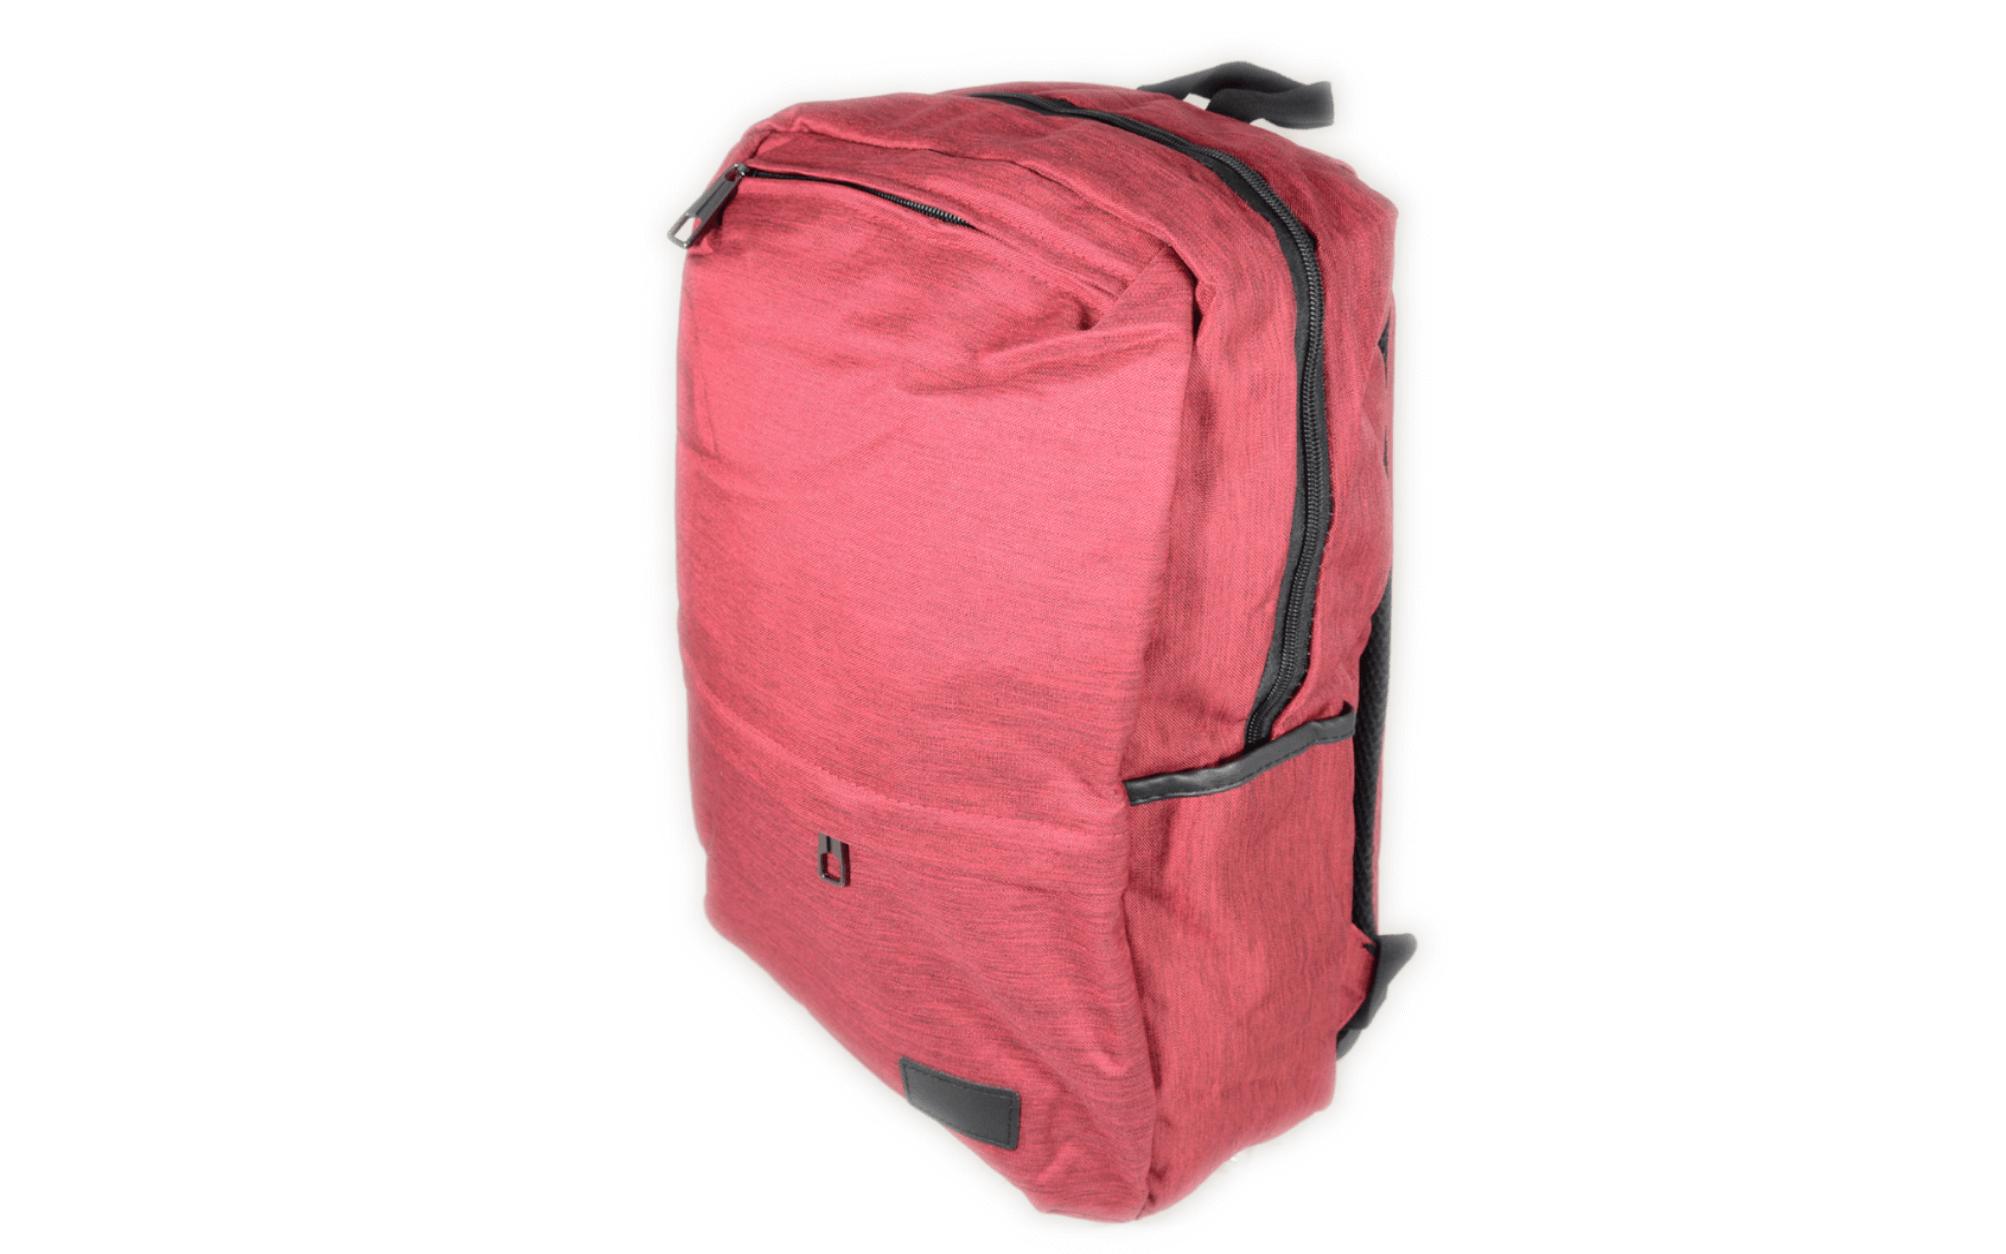 b1570f7a55804 حقيبة ظهر مدرسية قماش شكل ١ – دباسة